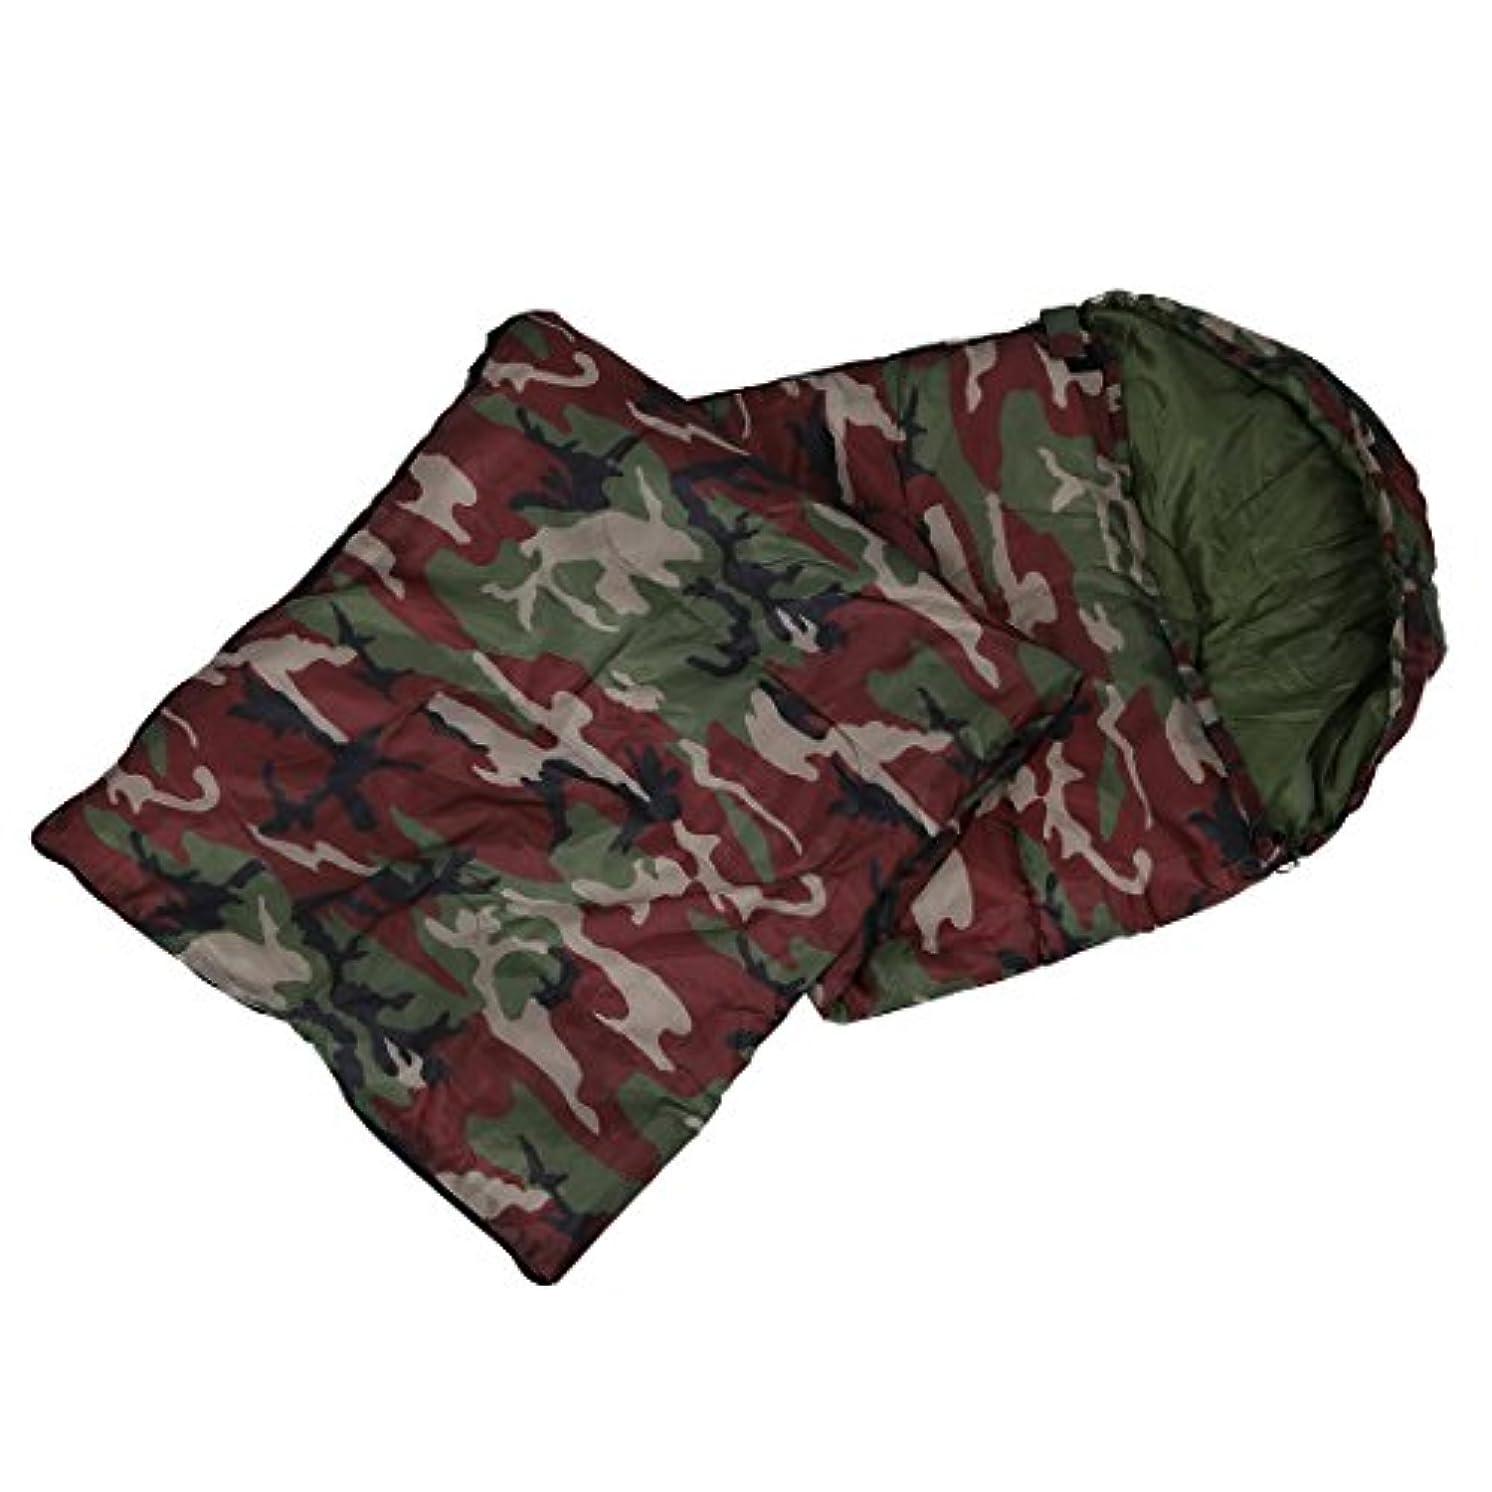 着実に学期ハンディキャップACAMPTAR 上質コットンキャンプ用寝袋15度摂氏?5度摂氏デグリー 封筒スタイル、迷彩寝袋